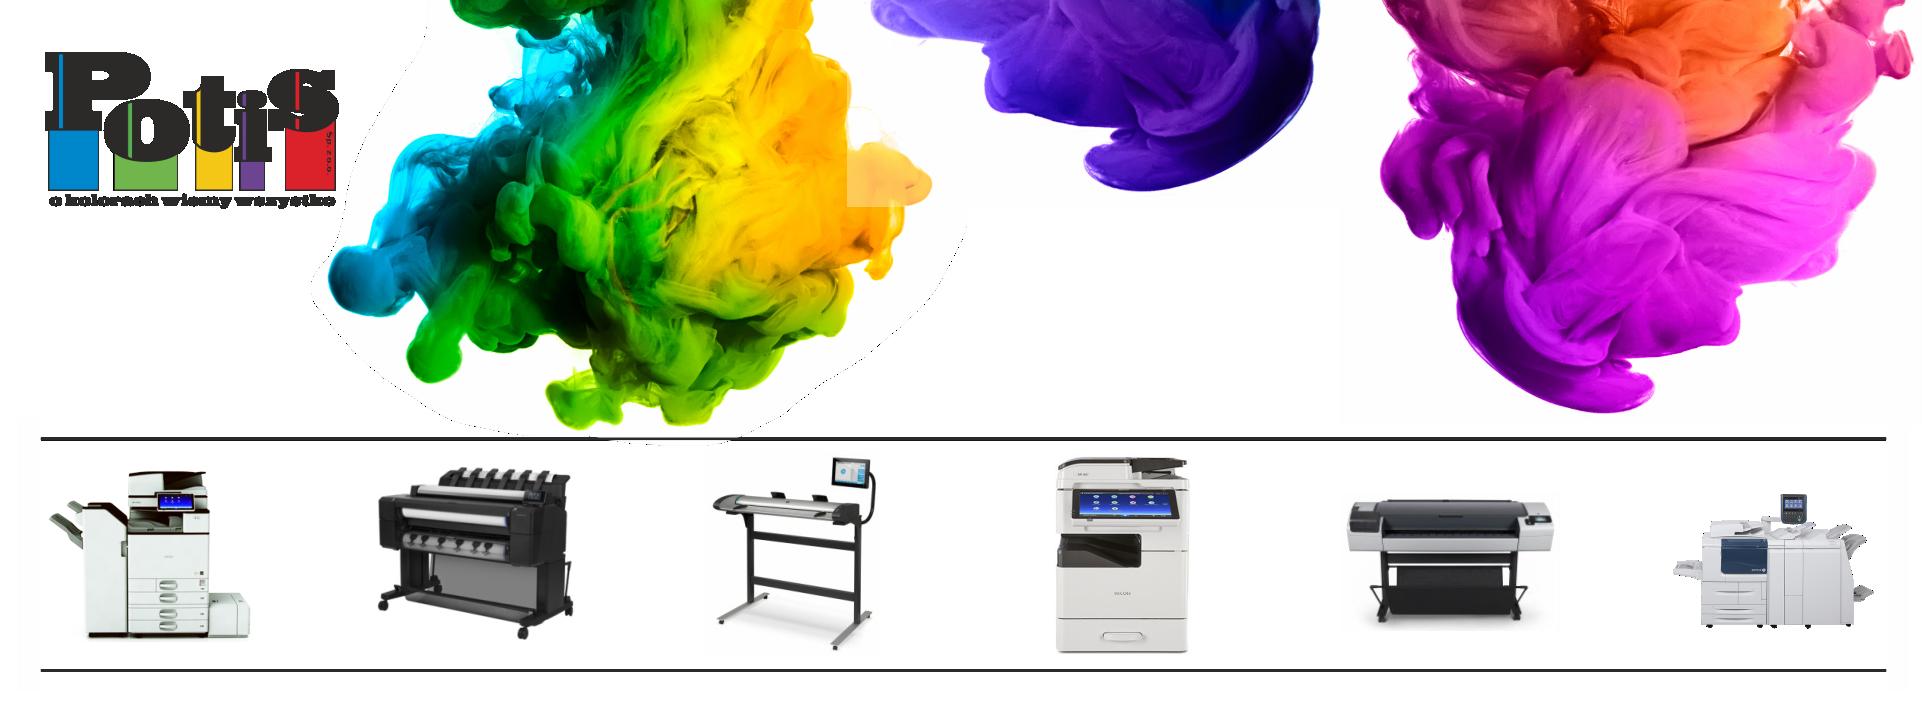 Potis - drukarki, kopiarki, plotery